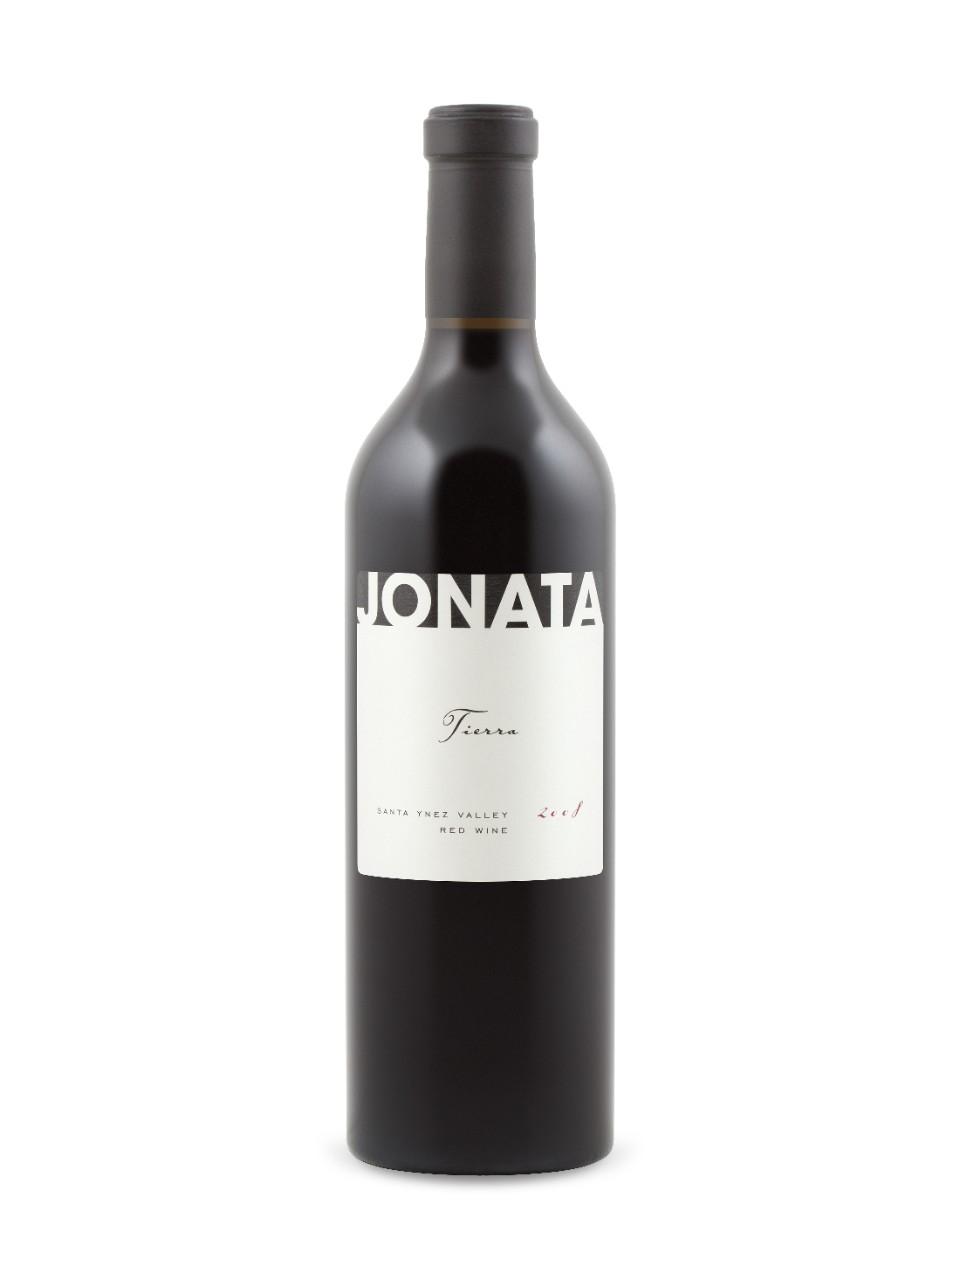 JONATA TIERRA